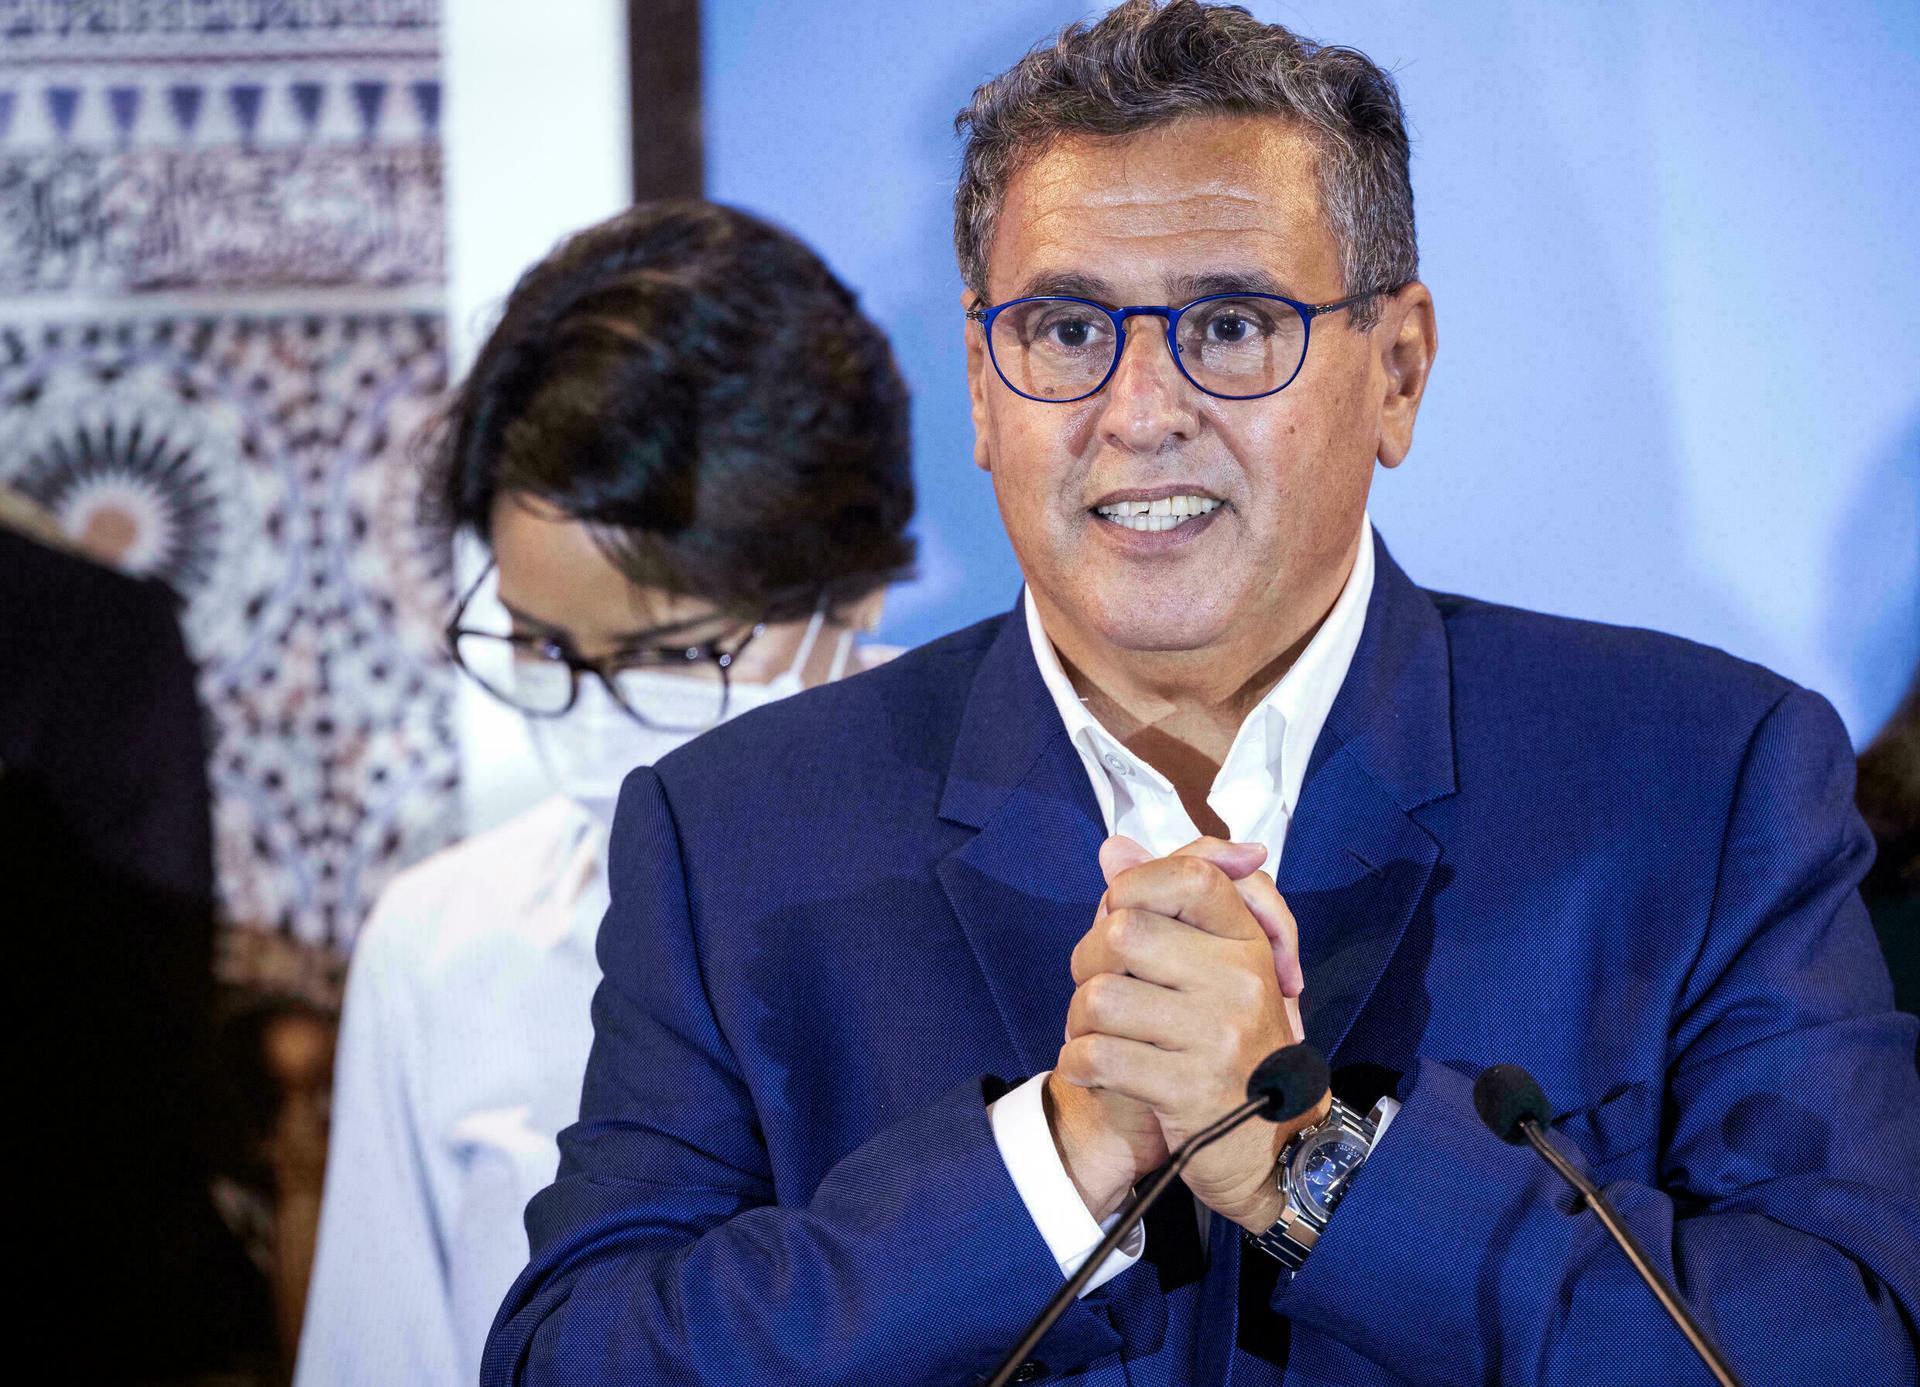 انتخاب أخنوش عمدة لمدينة أكادير